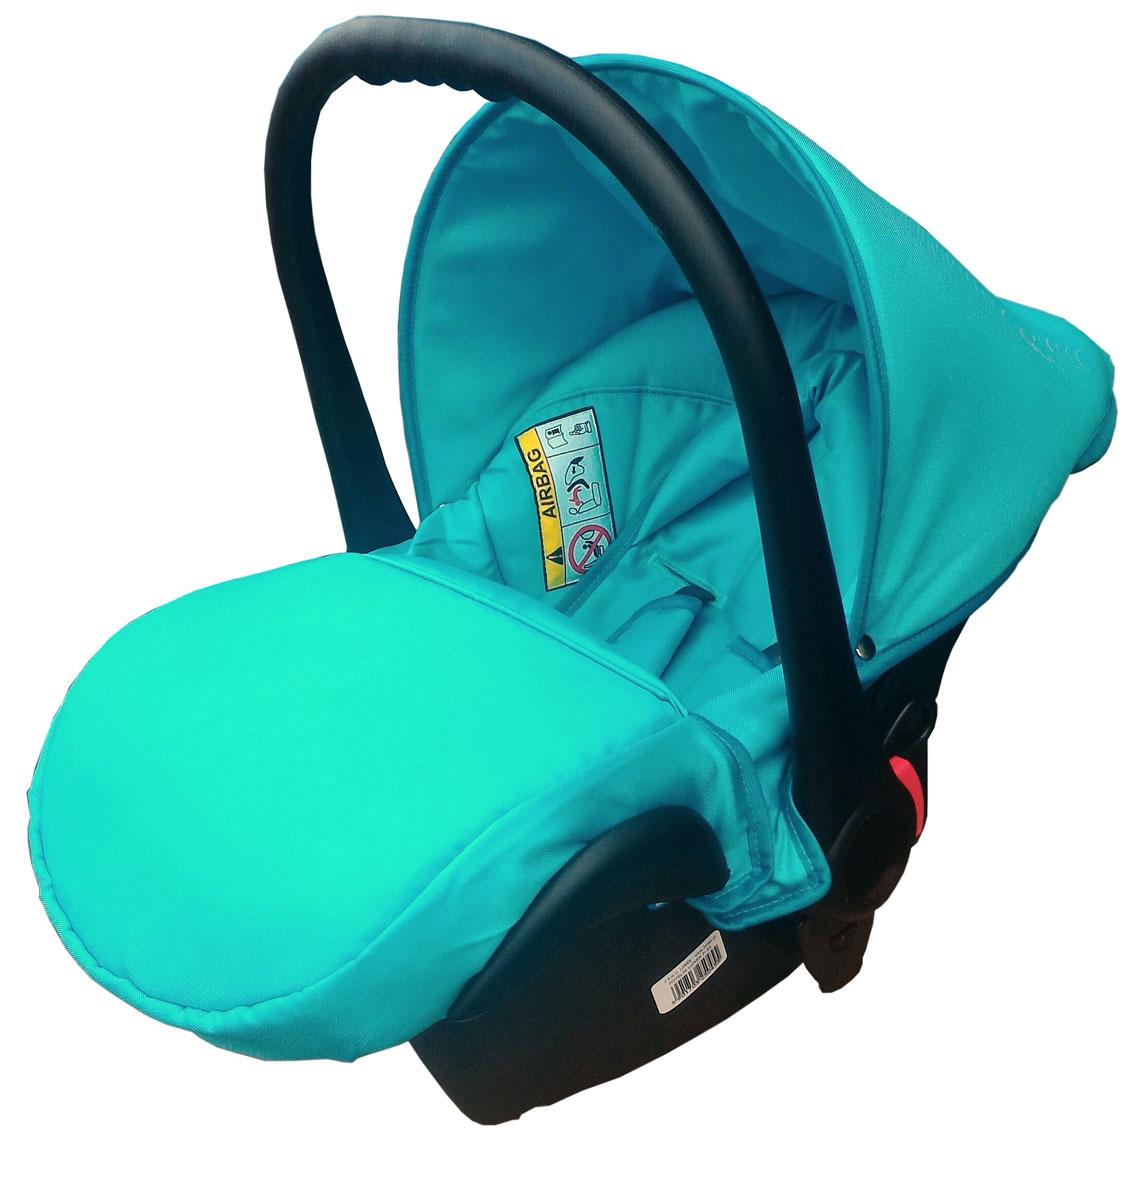 Lonex Автокресло цвет бирюзовый от 0 до 13 кг F-32F-32Очень лёгкоеавтокресло Lonexподойдет для любого автомобиля.Для малышей до 1 года (от 0 до 13 кг (группа 0+). Анатомическая подушечка создает комфорт малышу. Отстегивающийся козырек защитит ребенка от солнца, а теплая накидка на ножки обеспечит комфорт в прохладную погоду. Возможно установка горизонтального положения спинки. В кресле для малышей существует три надежных ремня безопасности со специальными накладками, которые не будут натирать нежную кожу ребенка. Данное автокресло возможно установить на все шасси колясок Lonex 2 в 1.